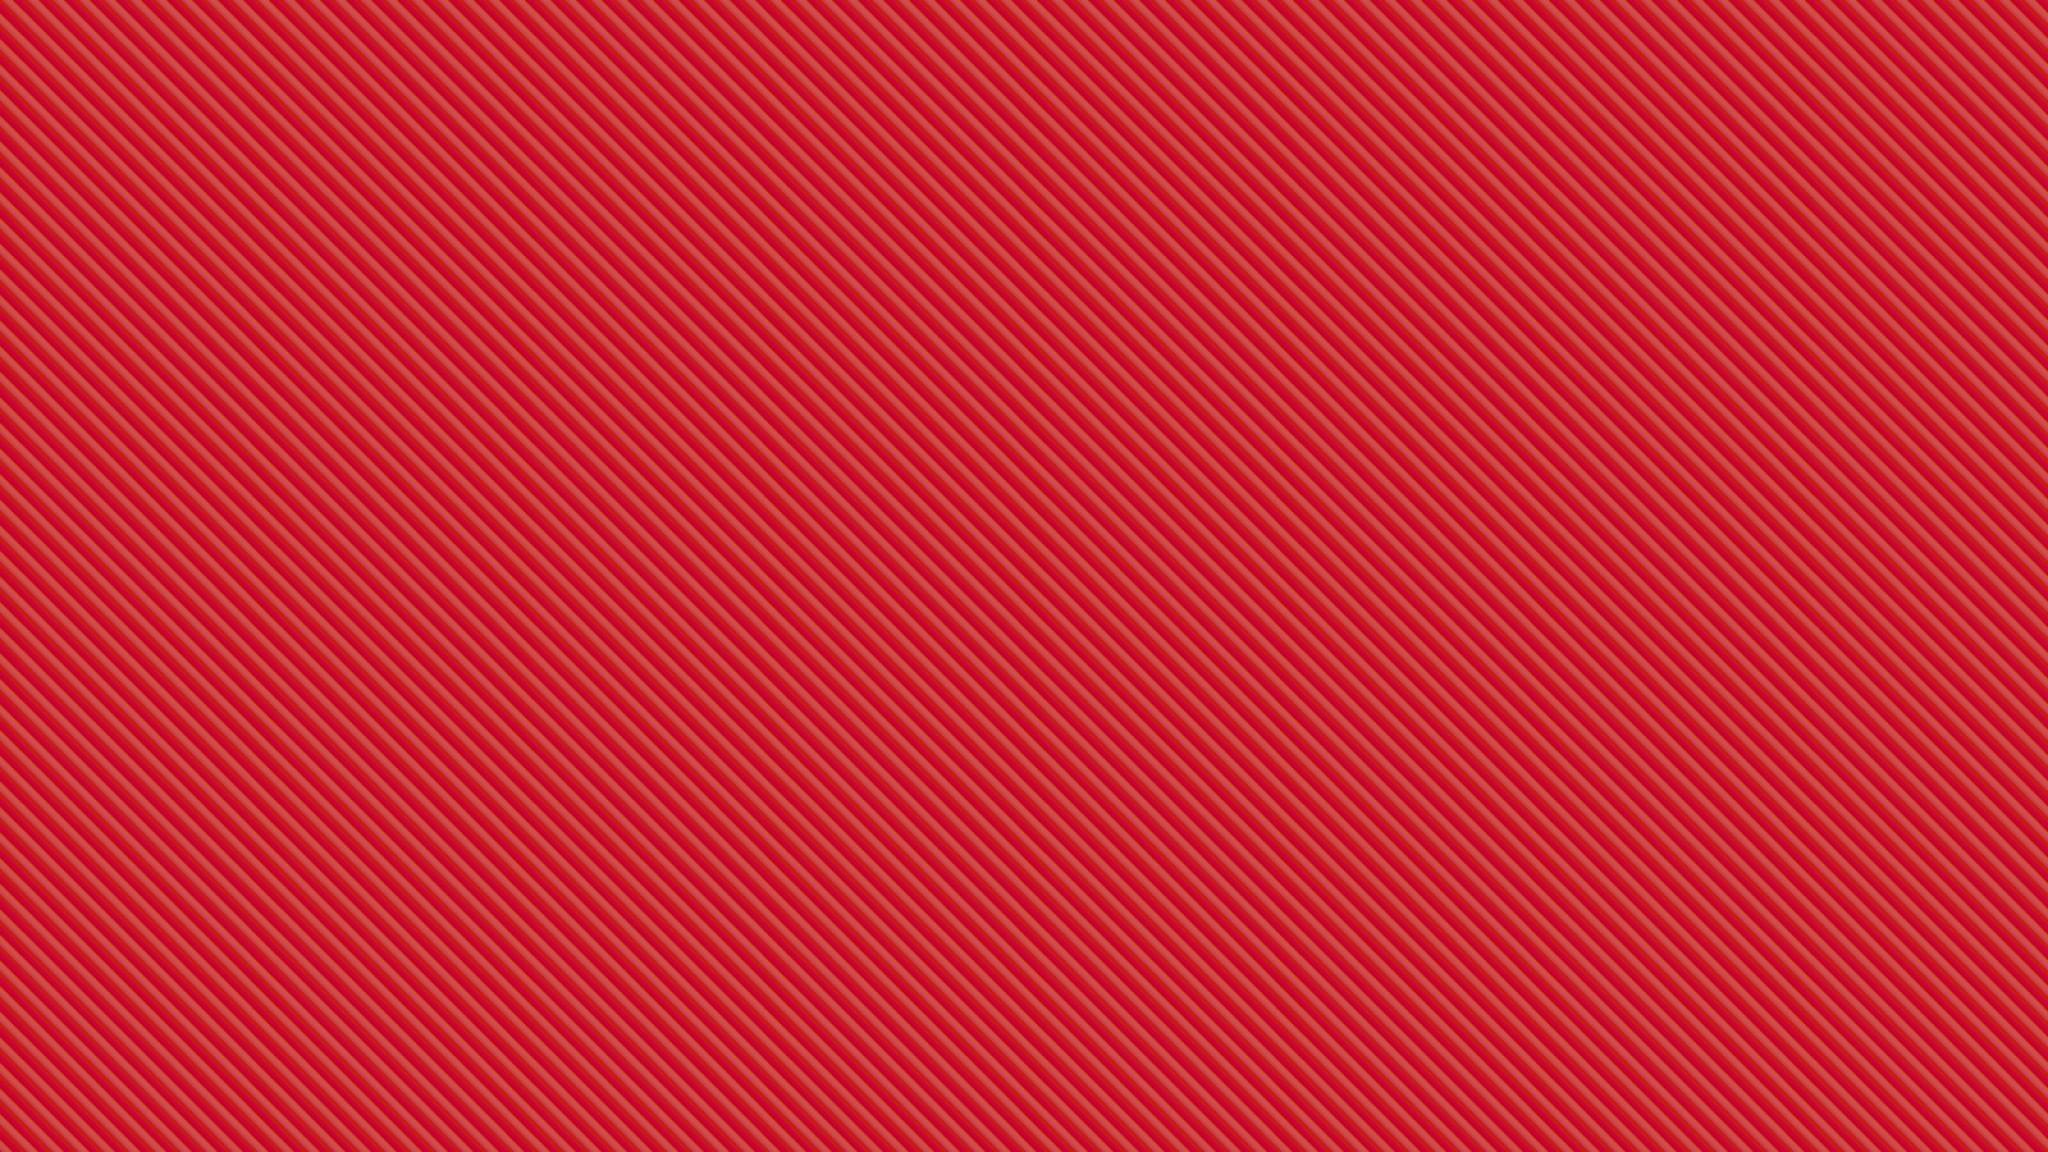 Hình nền đỏ